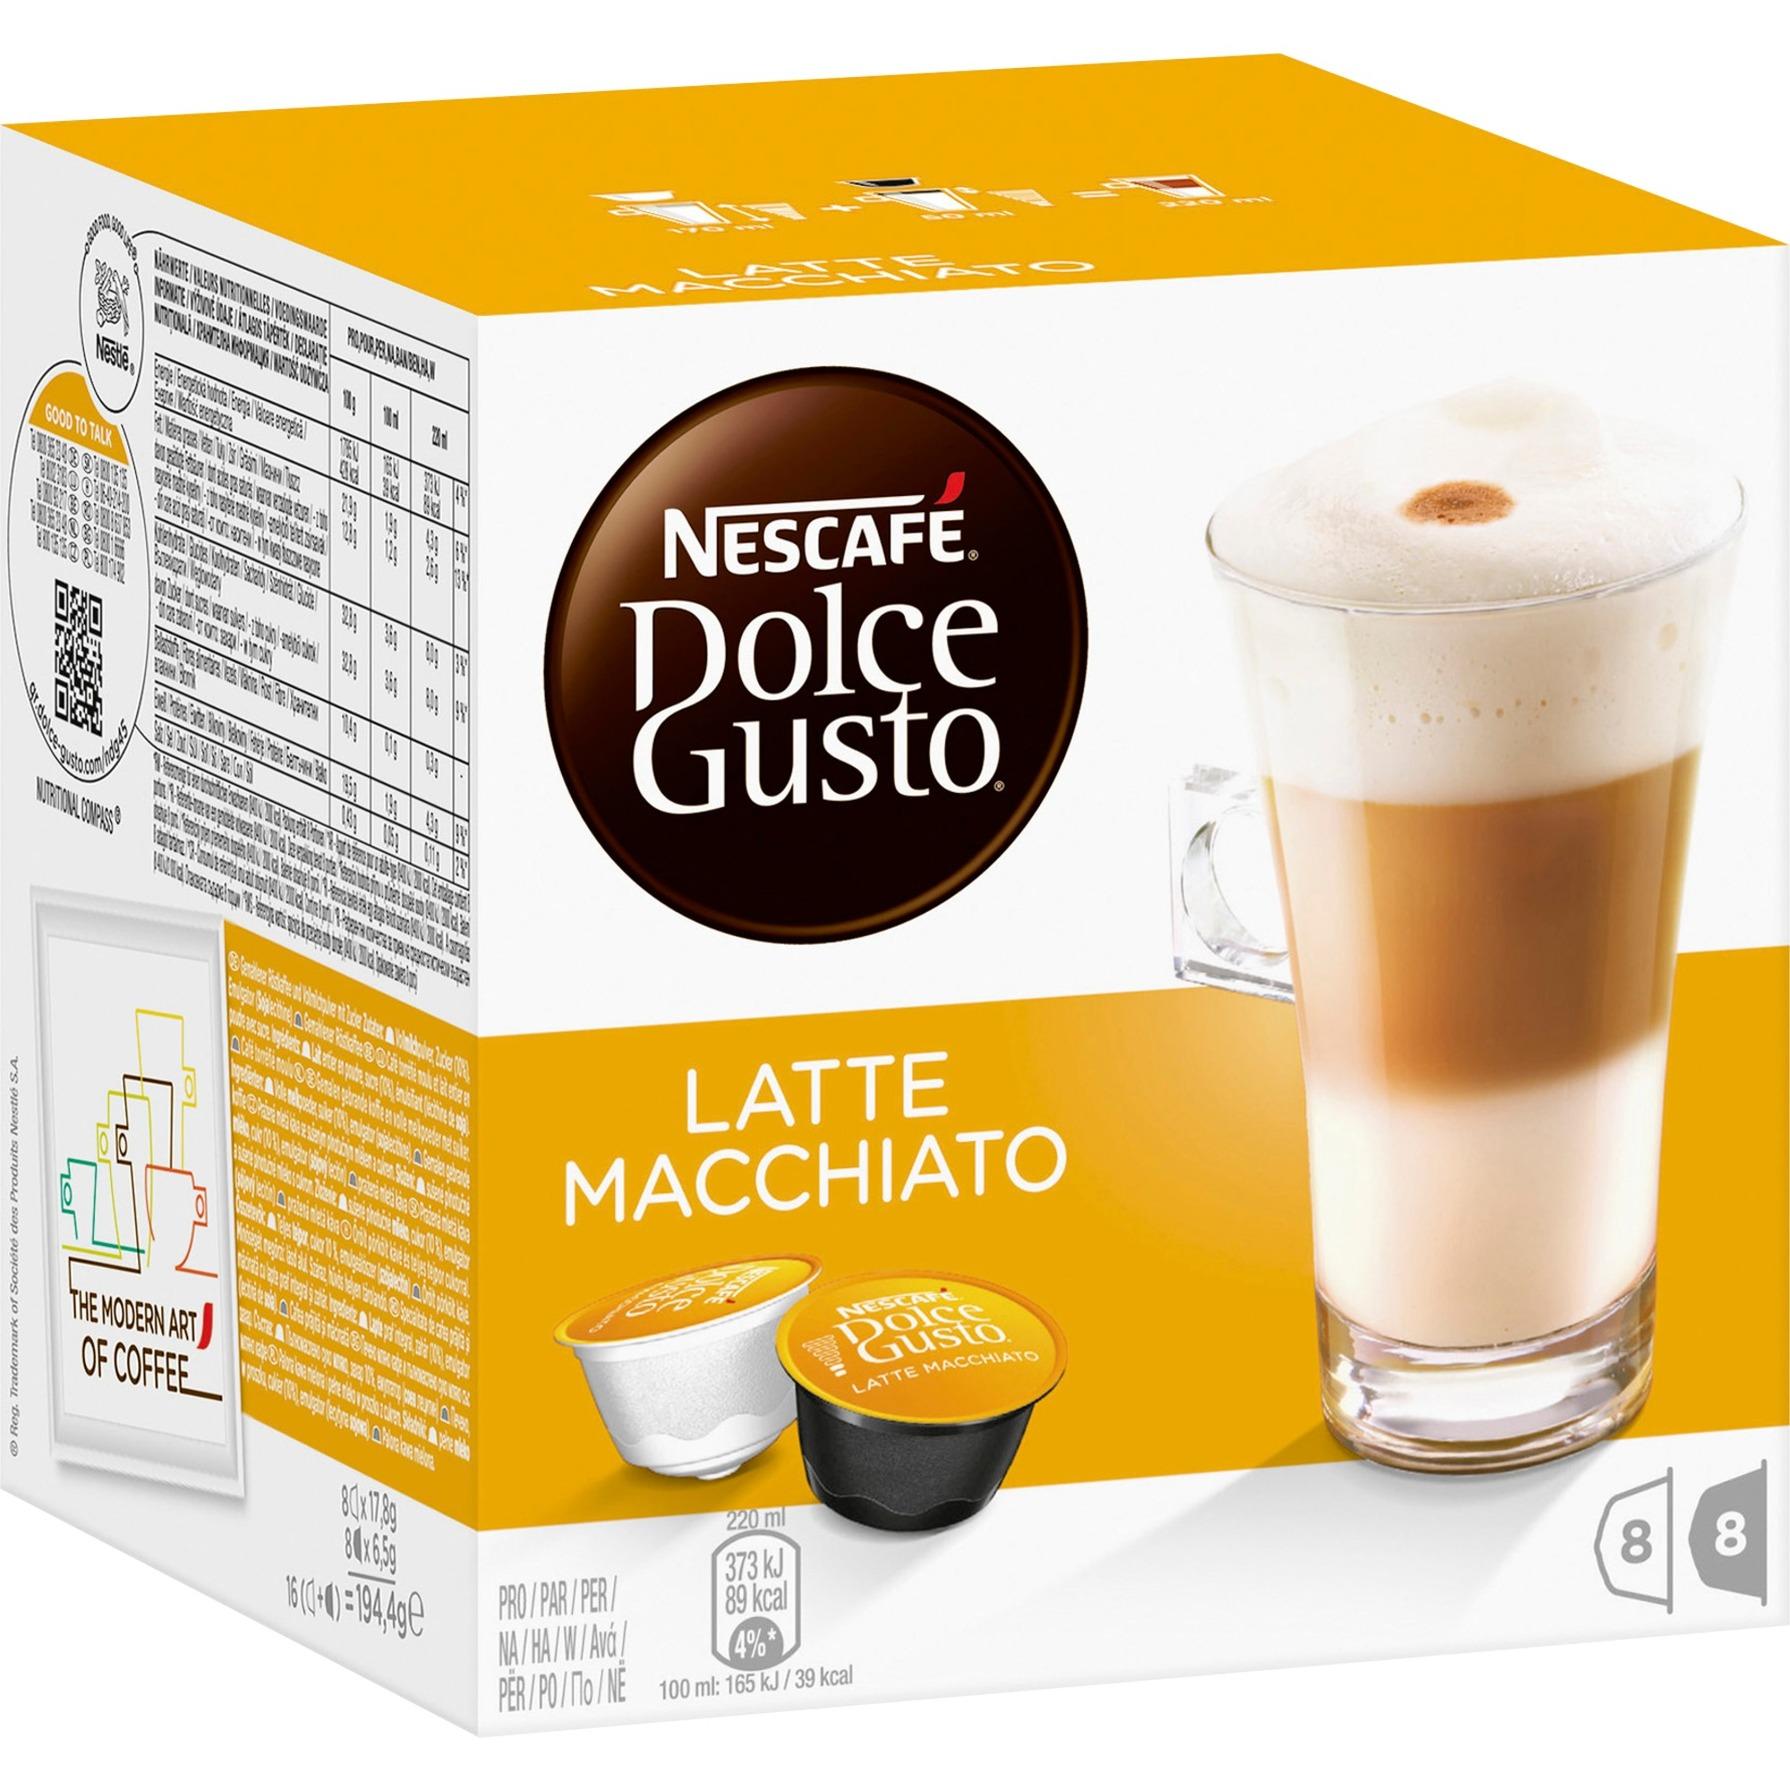 Latte Macchiato Cápsula de café, Cápsula de bebida